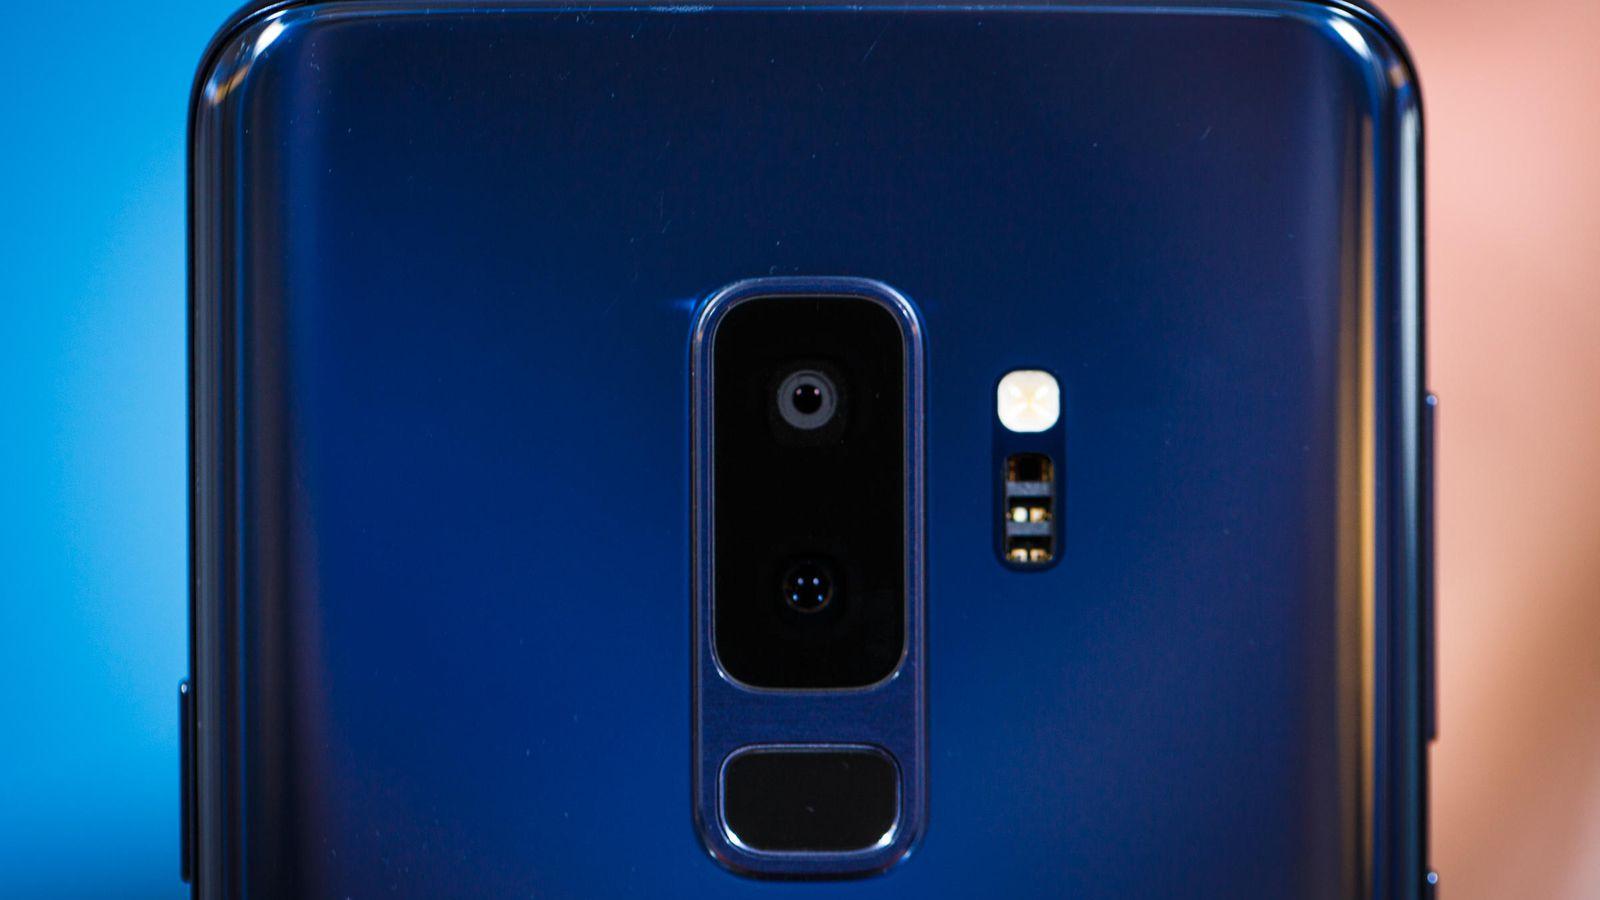 Samsung s9 ghz